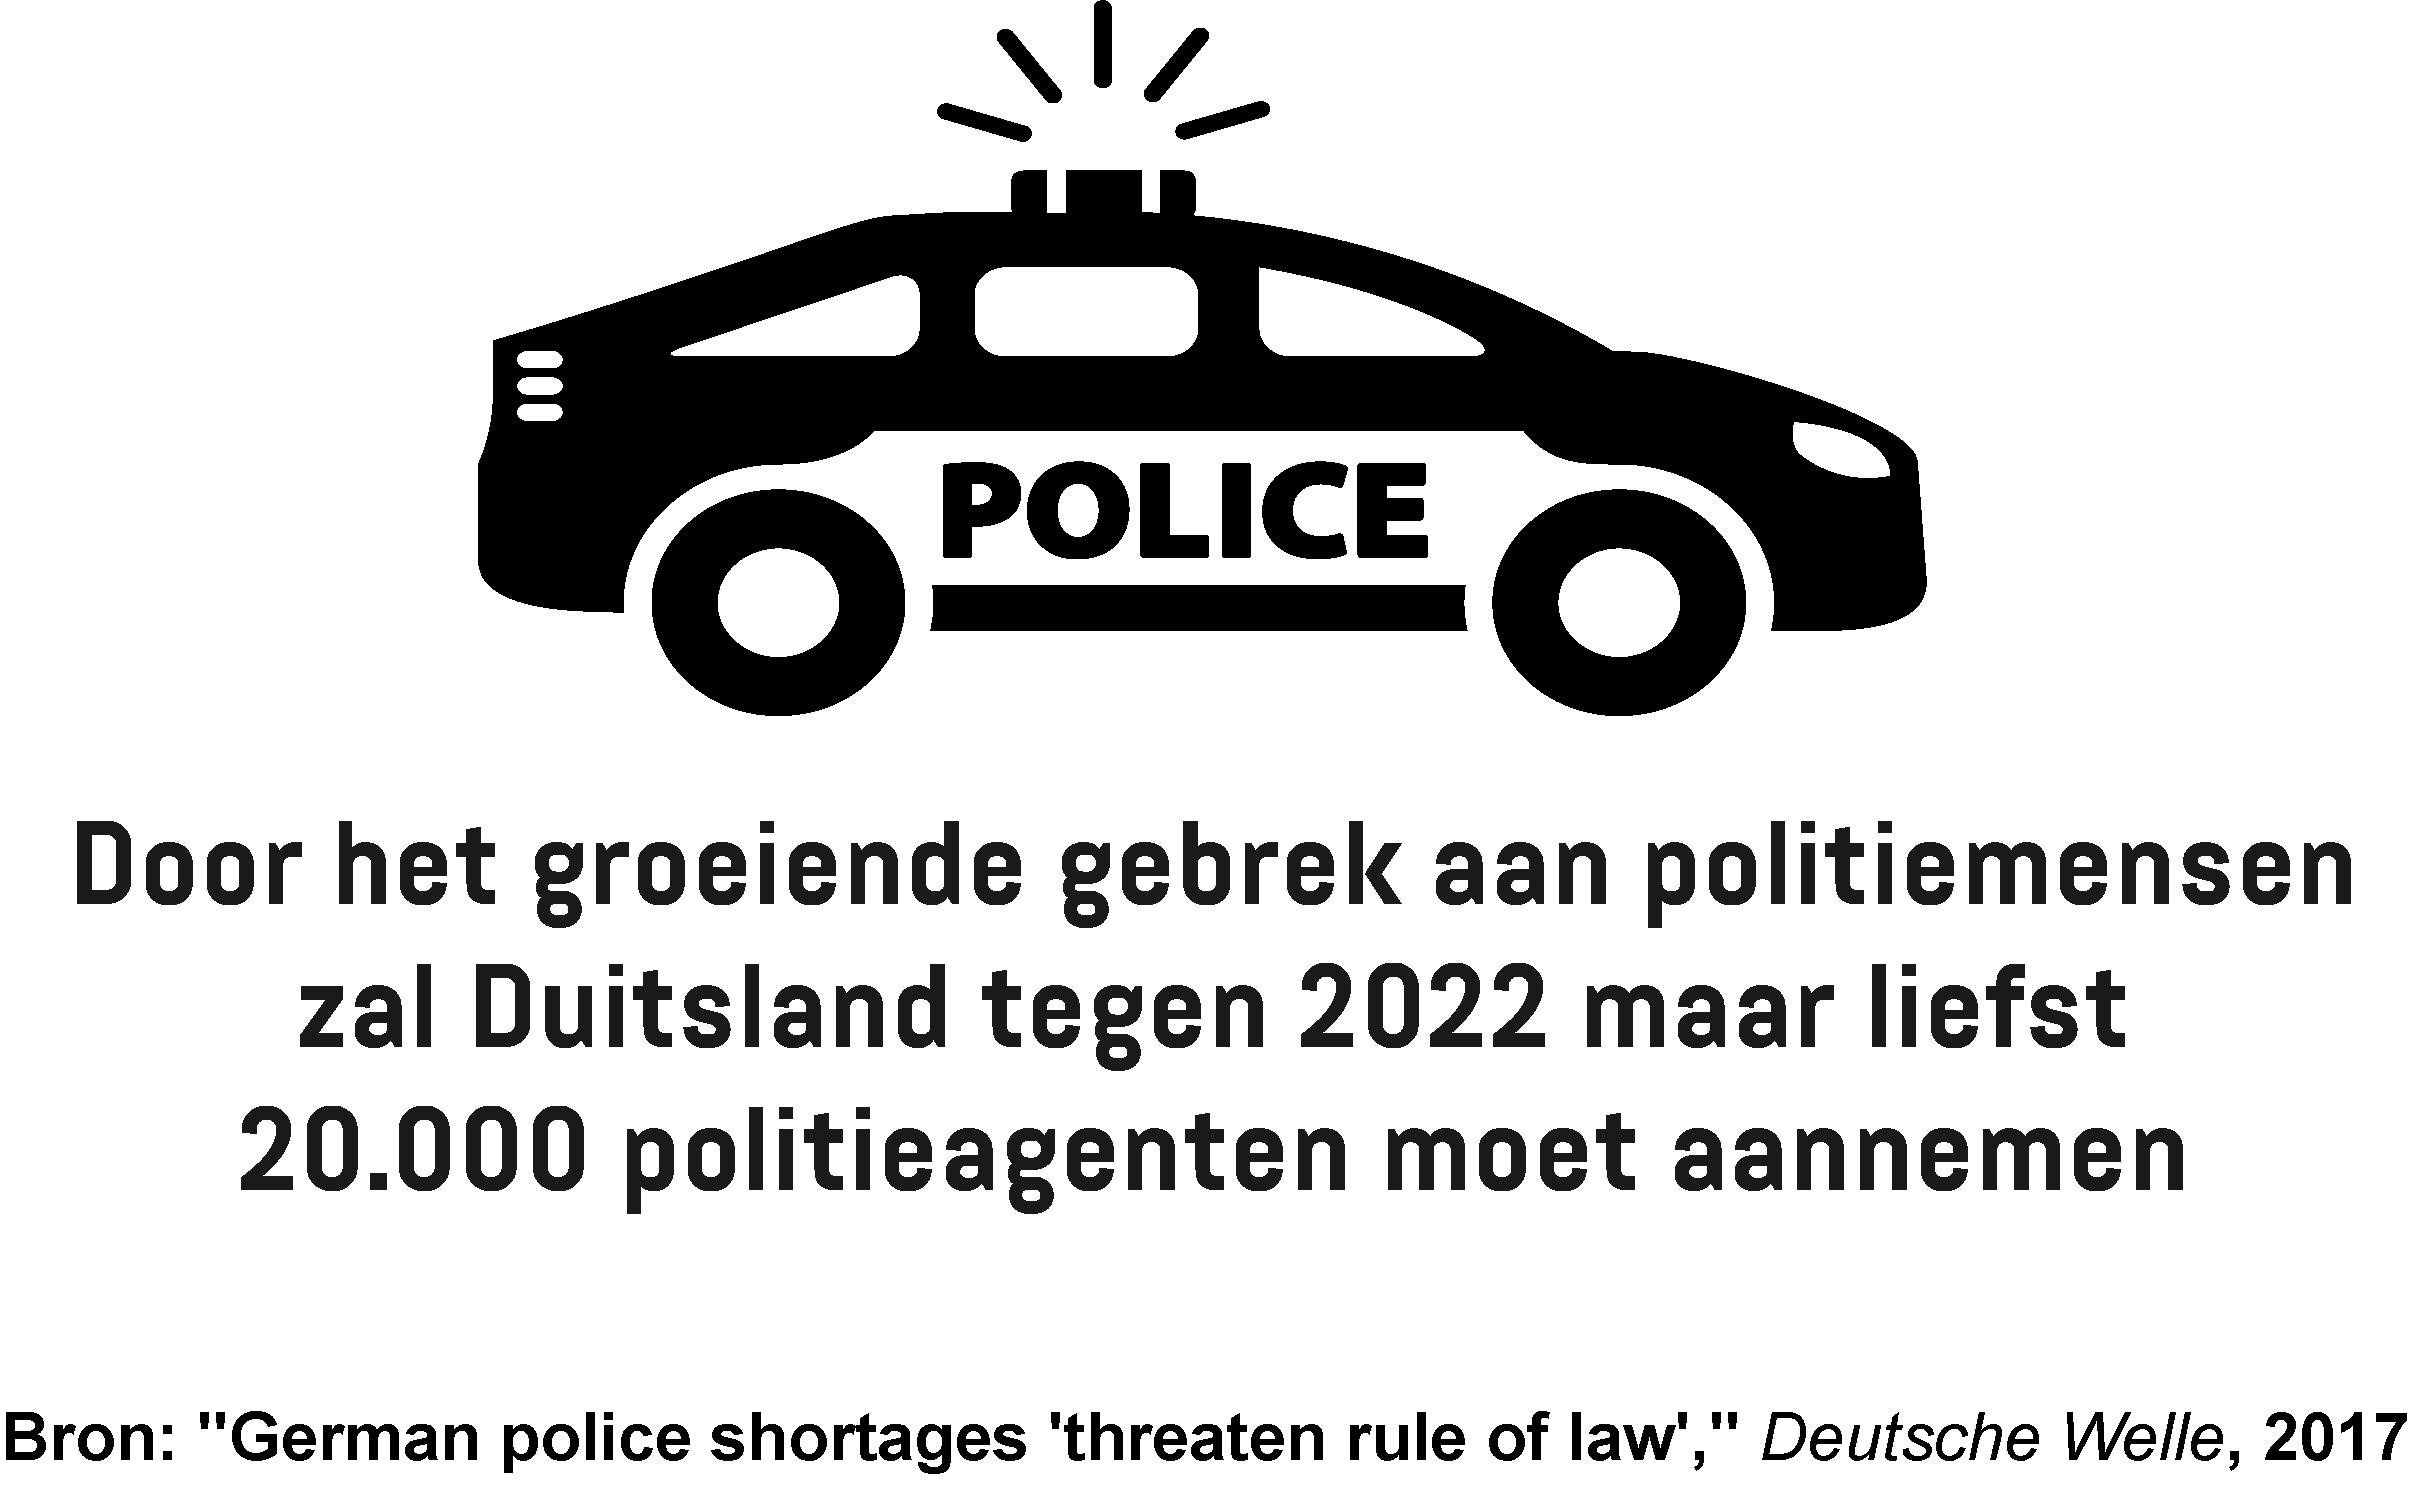 Infographic toont hoeveel politieagenten Duitsland tegen 2022 moet aannemen